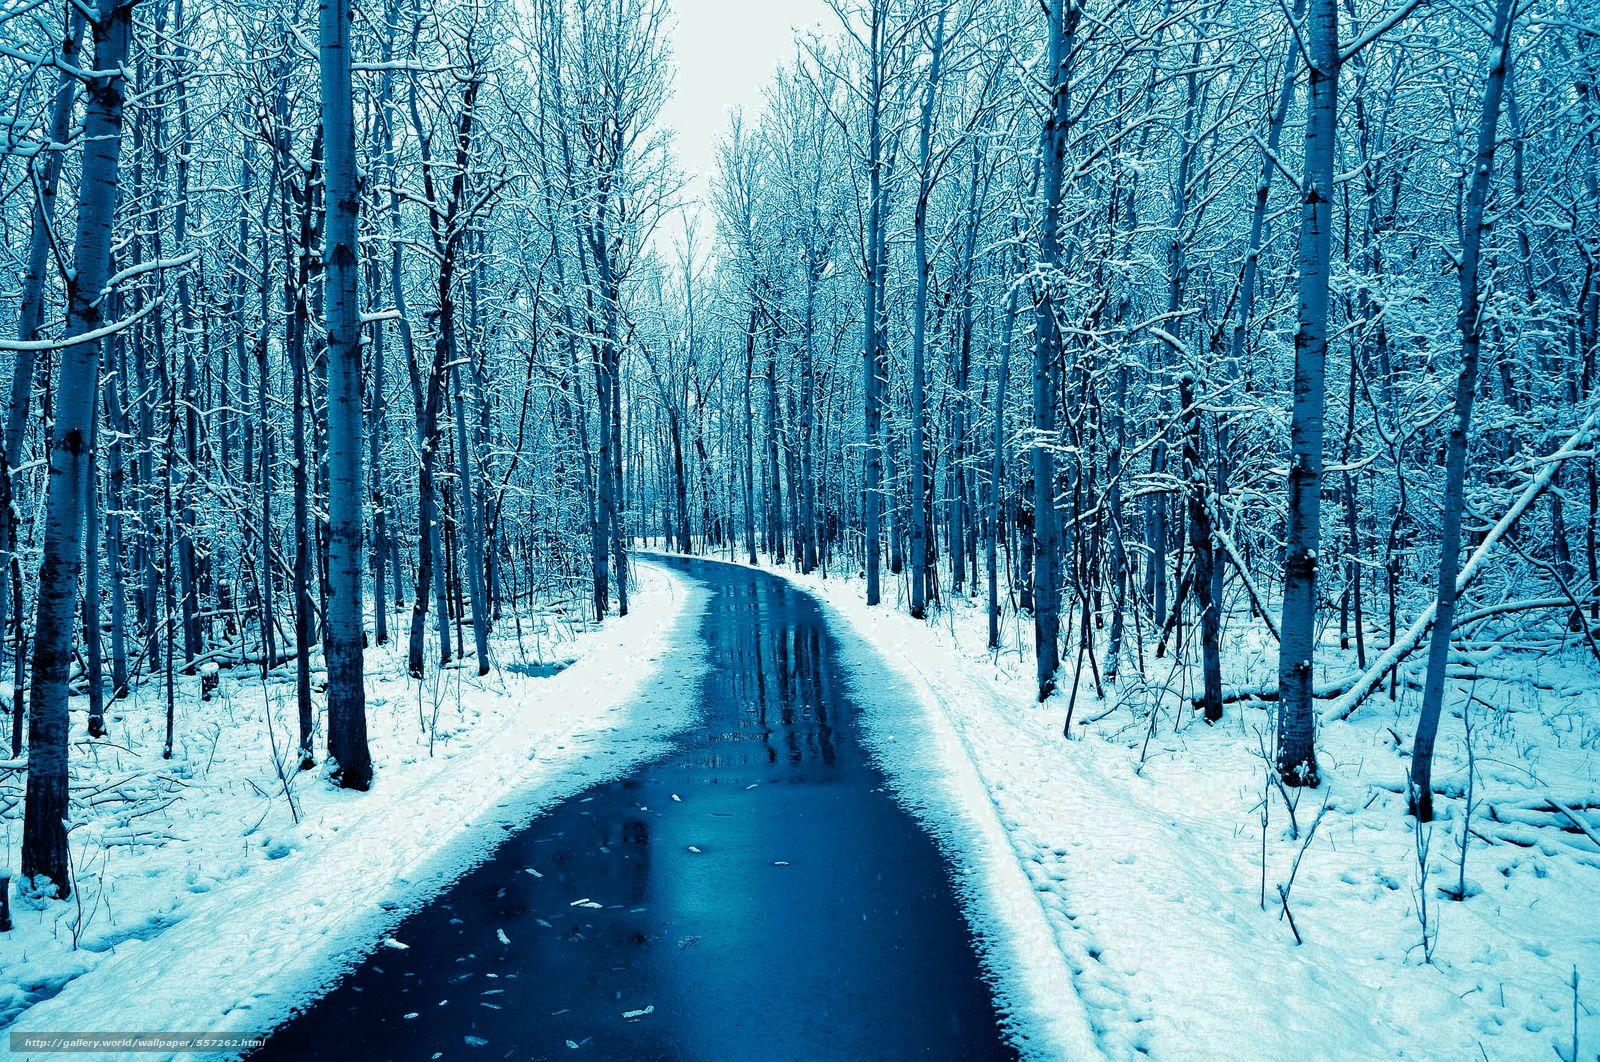 Tlcharger fond d 39 ecran for t petite rivi re paysage for Fond ecran hiver hd